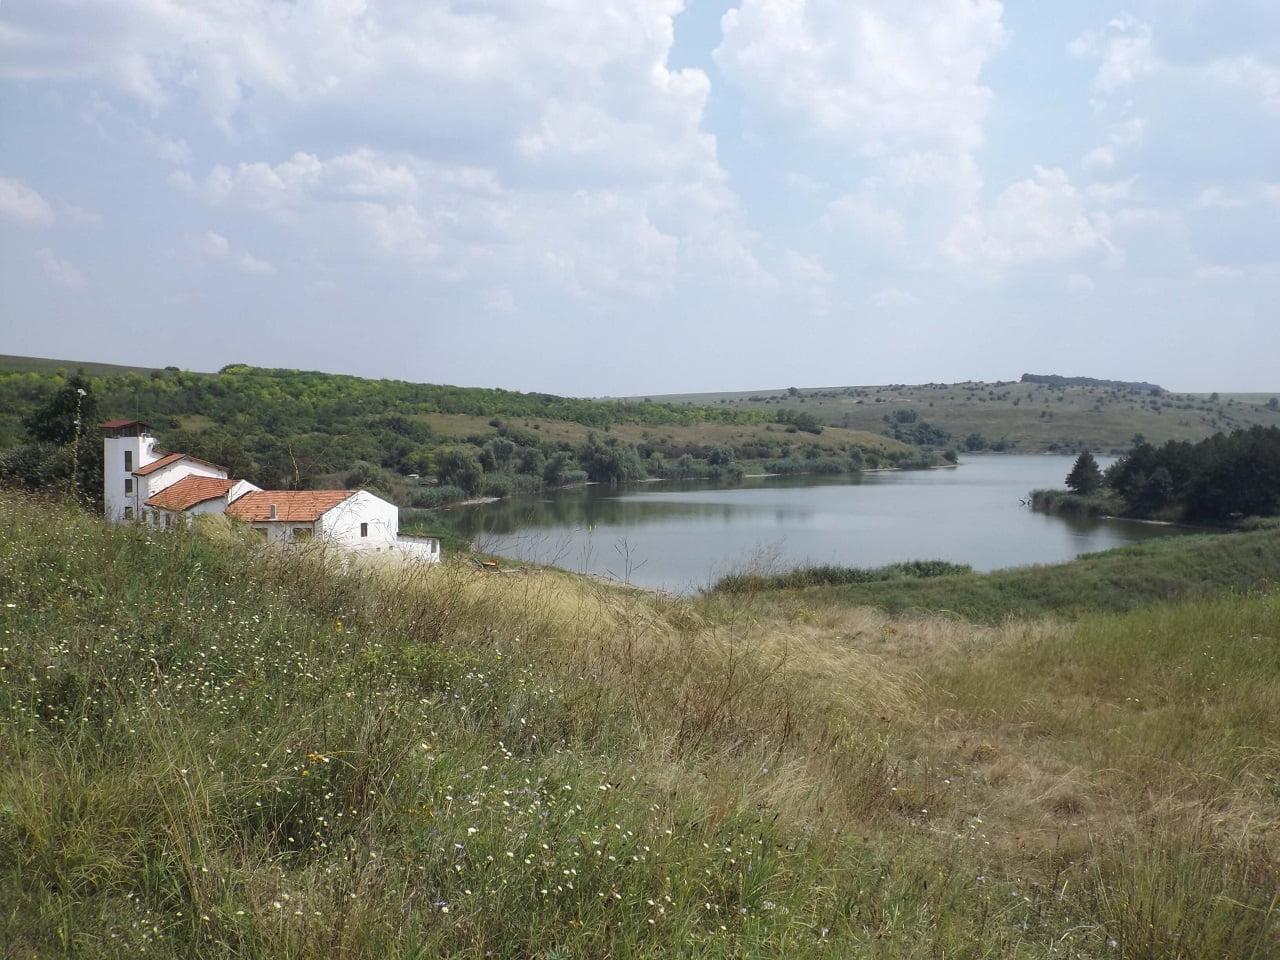 Zaldapa